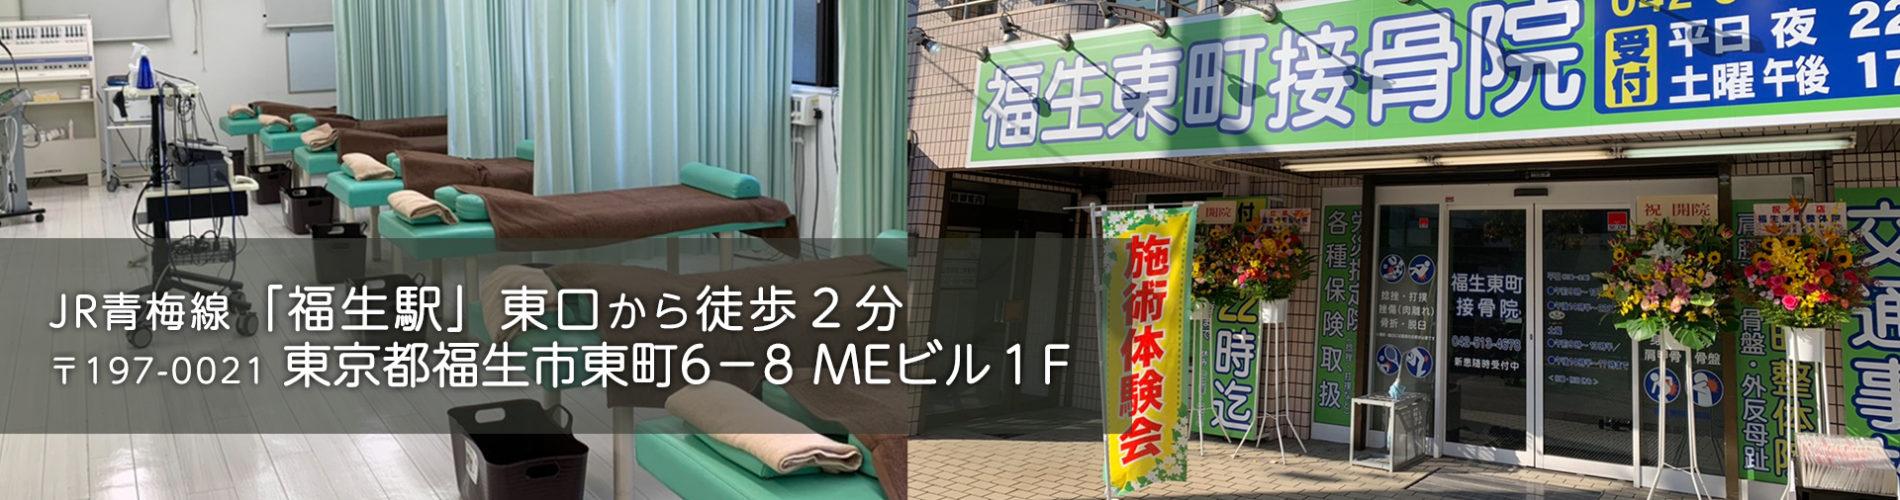 福生東町接骨院☆ニューオープン